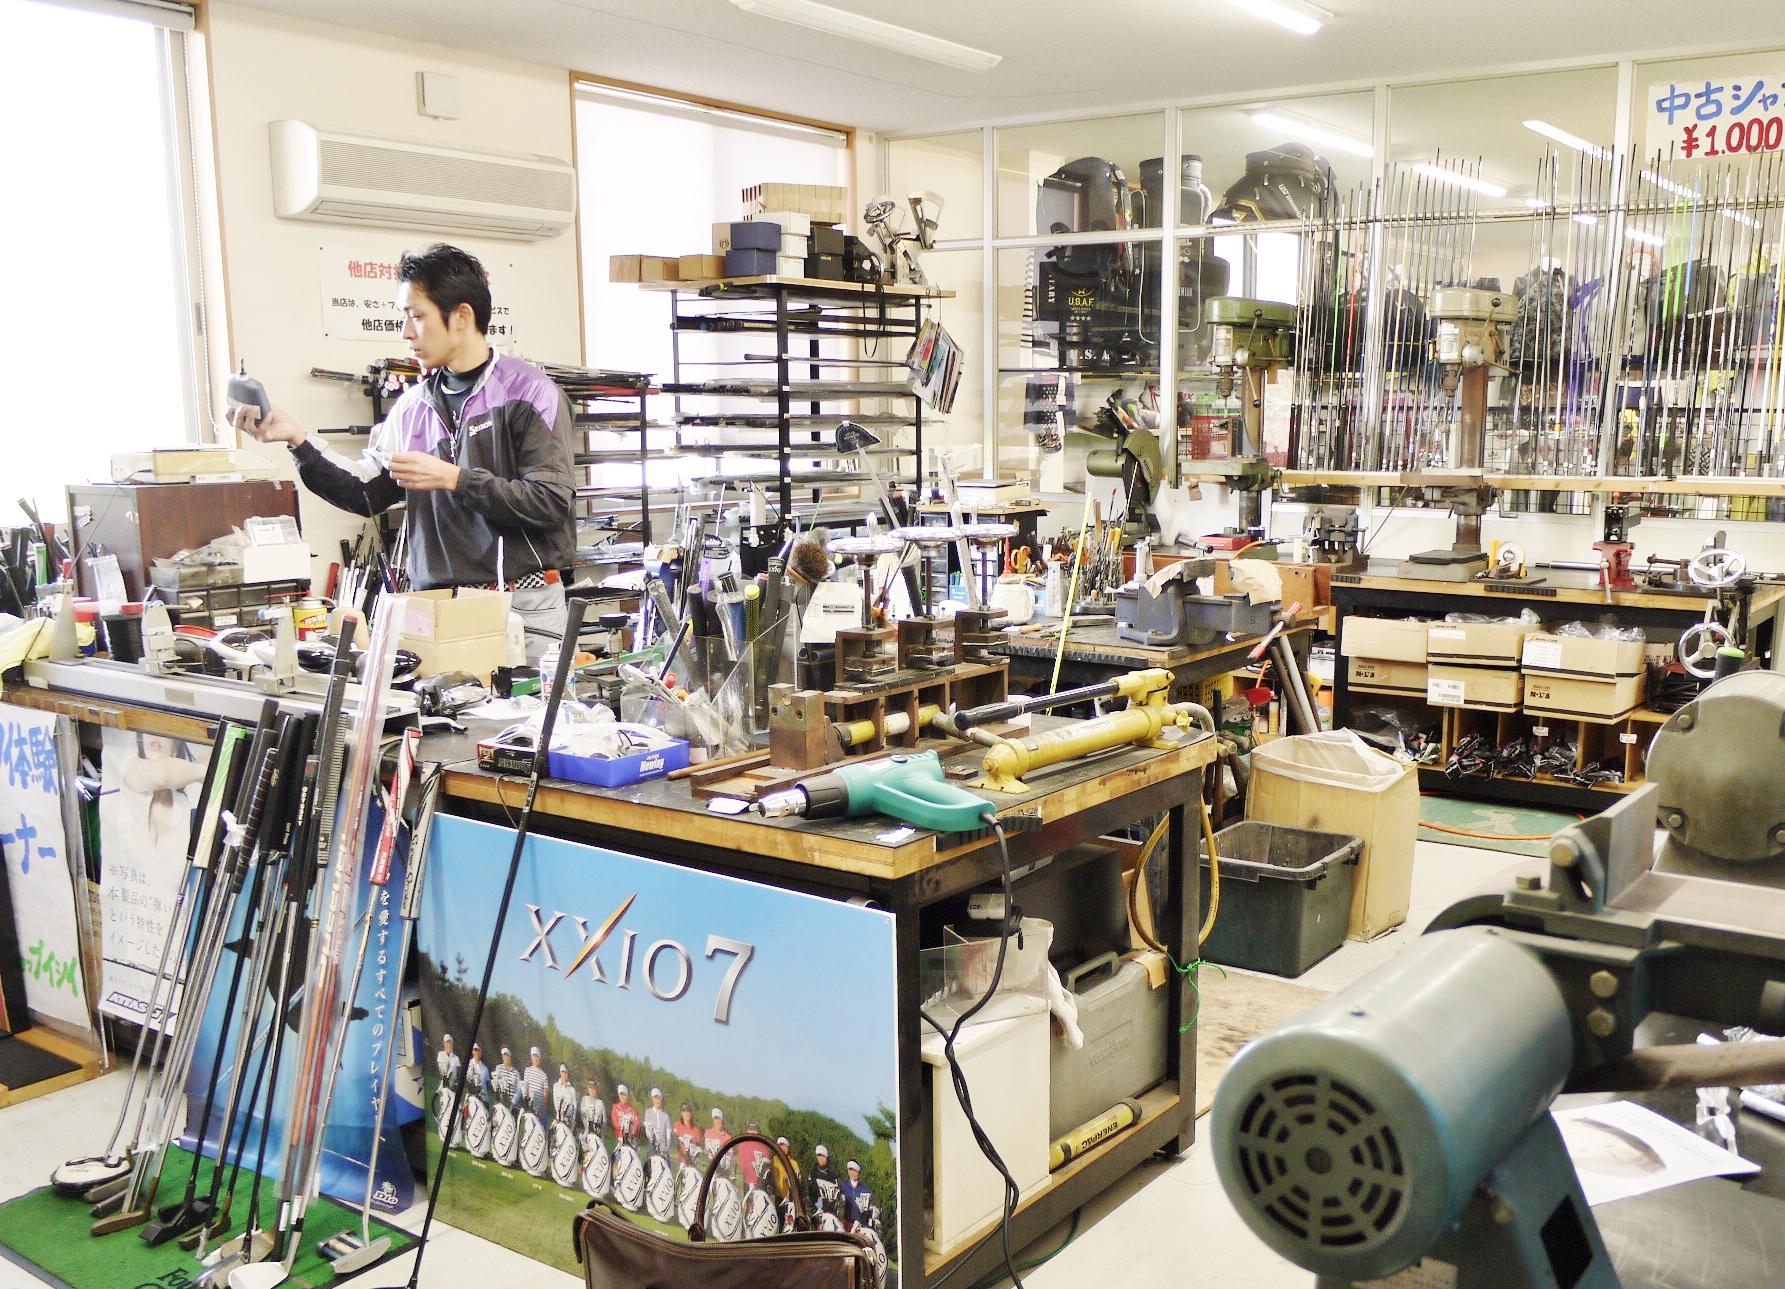 専用の設備の整ったしっかりとした広い工房